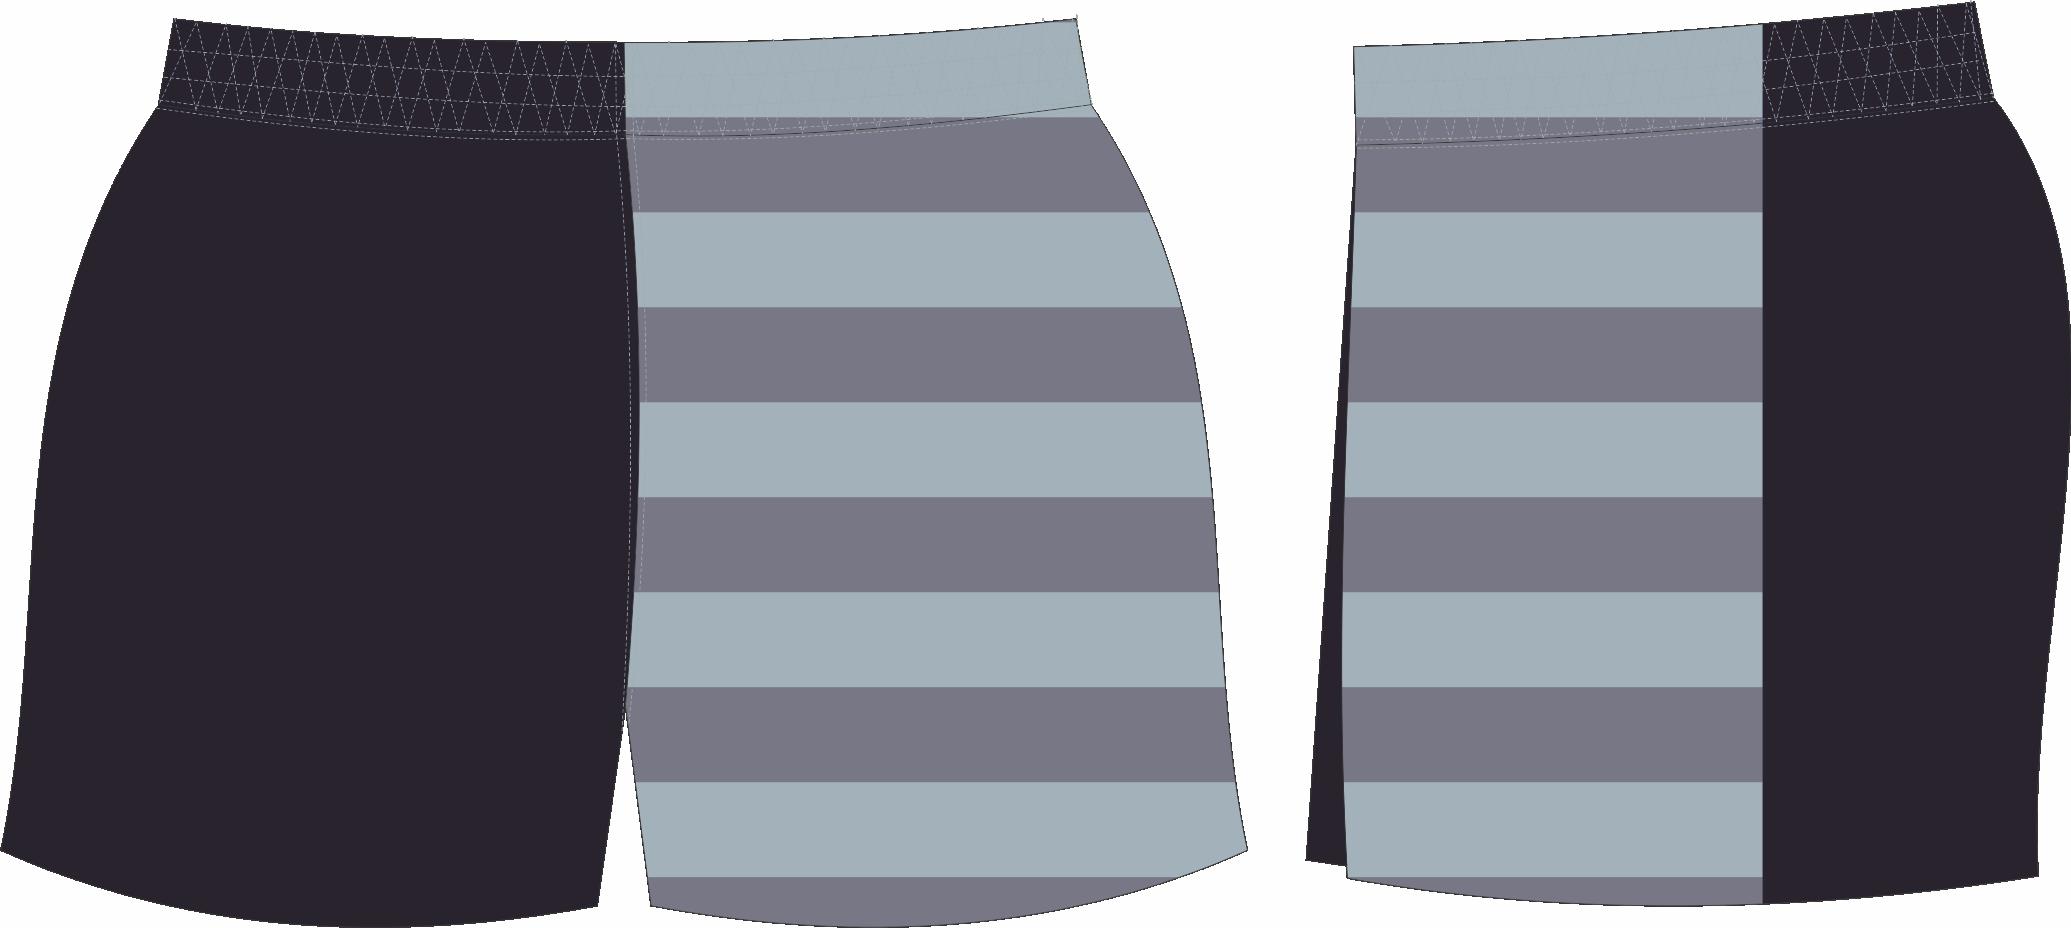 S202XSHT Black Grey Silver.png